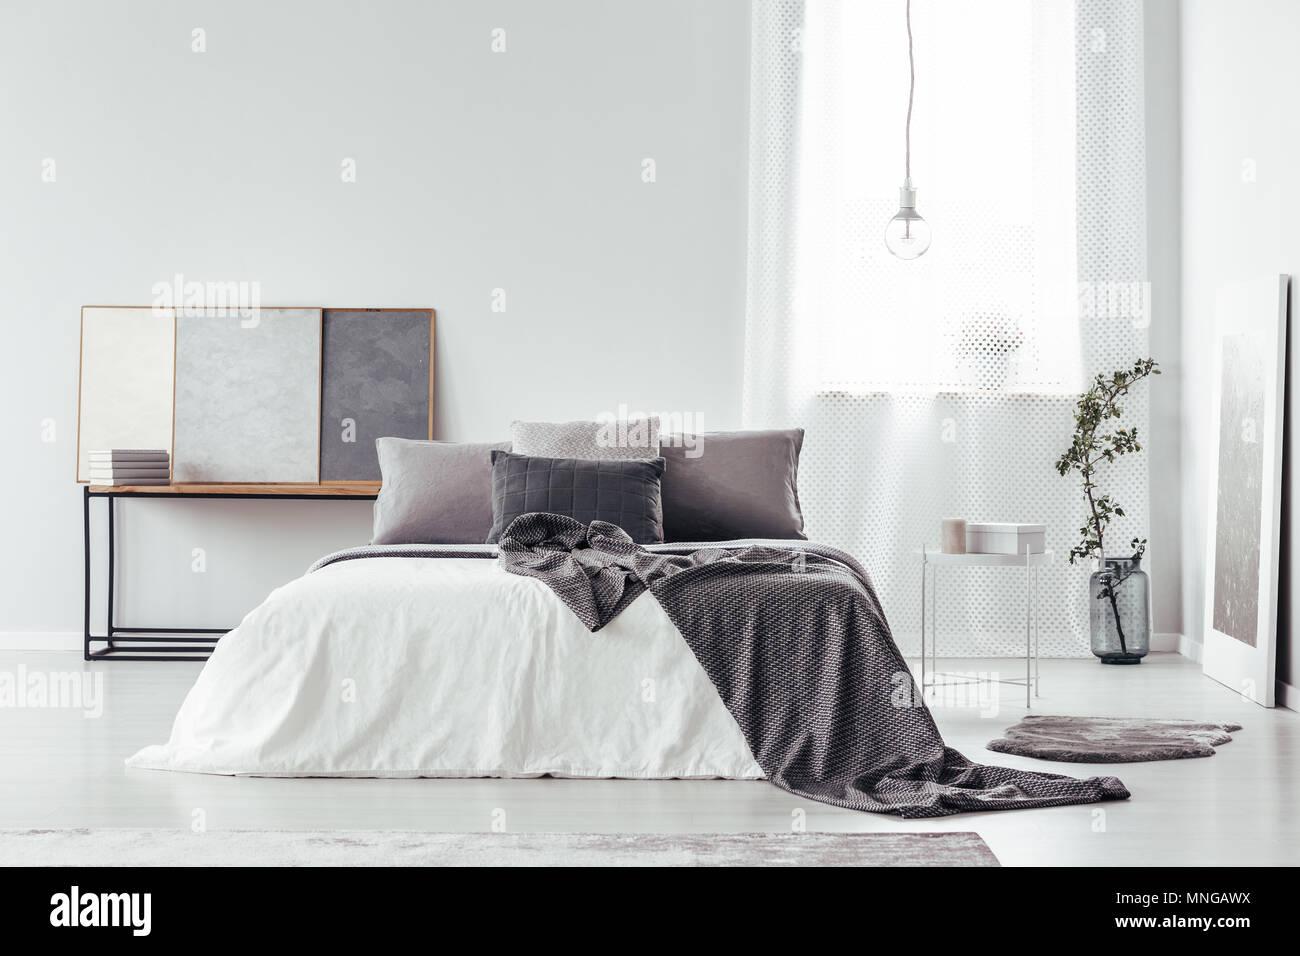 Gemusterte Decke Auf Dem Bett Mit Kissen Grau In Gemutlichen Schlafzimmer Innenraum Mit Vase Plakate Und Speicherplatz Auf Der Weissen Wand Kopieren Stockfotografie Alamy